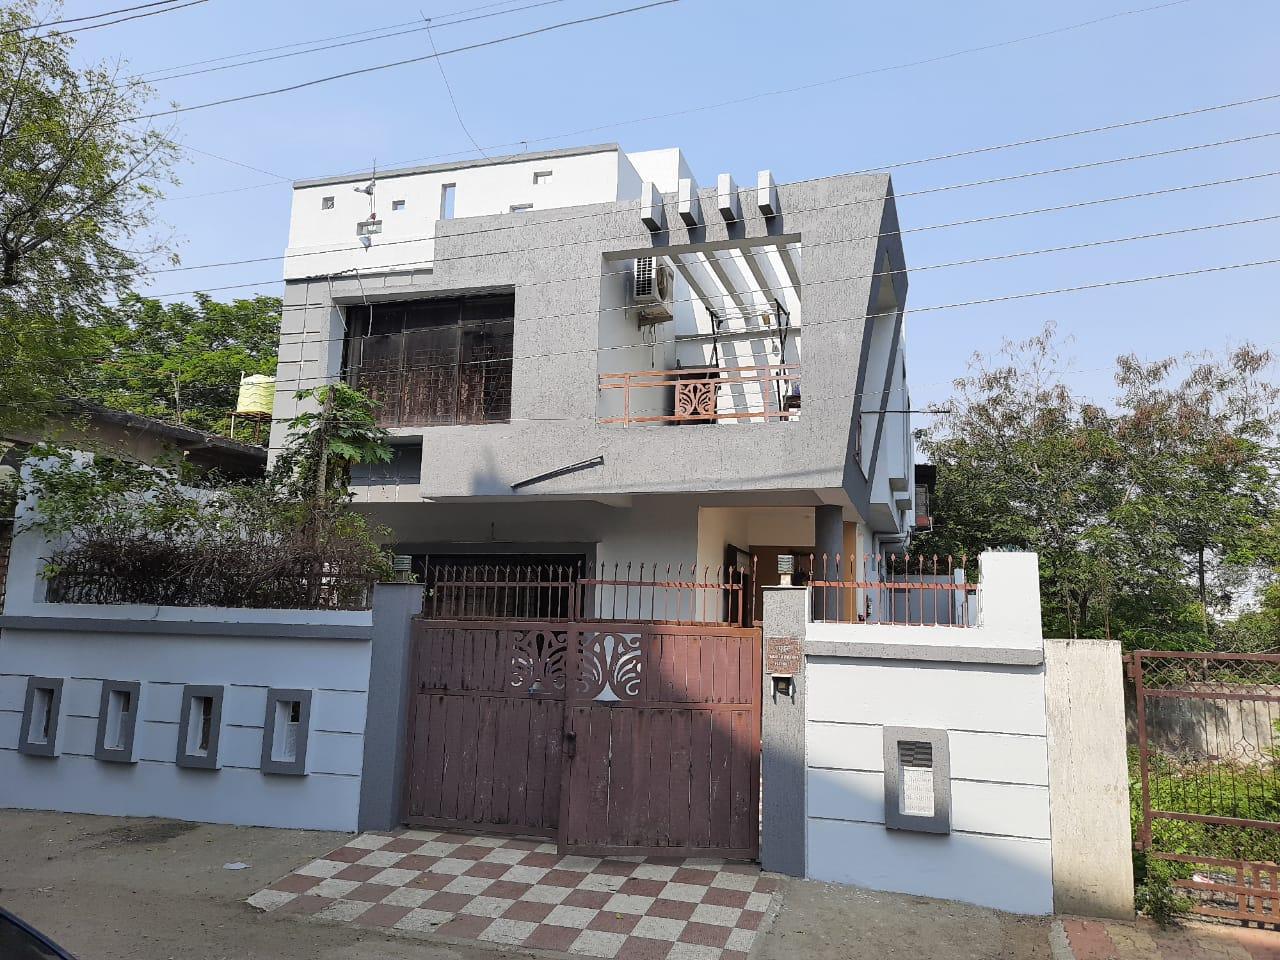 Independent Duplex in Mankapur